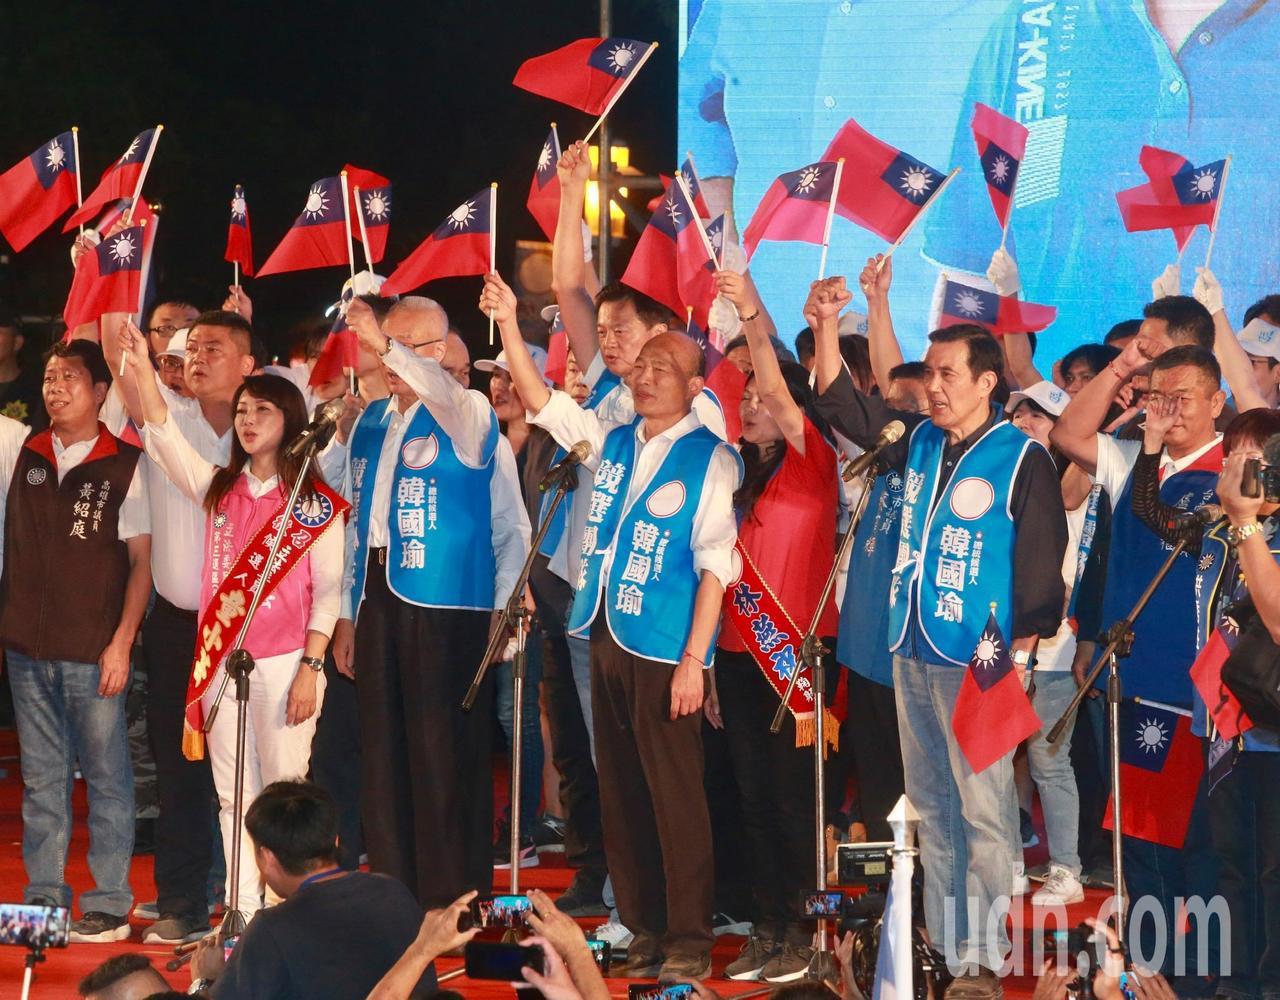 韓國瑜在國旗的帶領下,並在前總統馬英九、國民黨主席吳敦義陪同進場。馬、韓、吳同框...